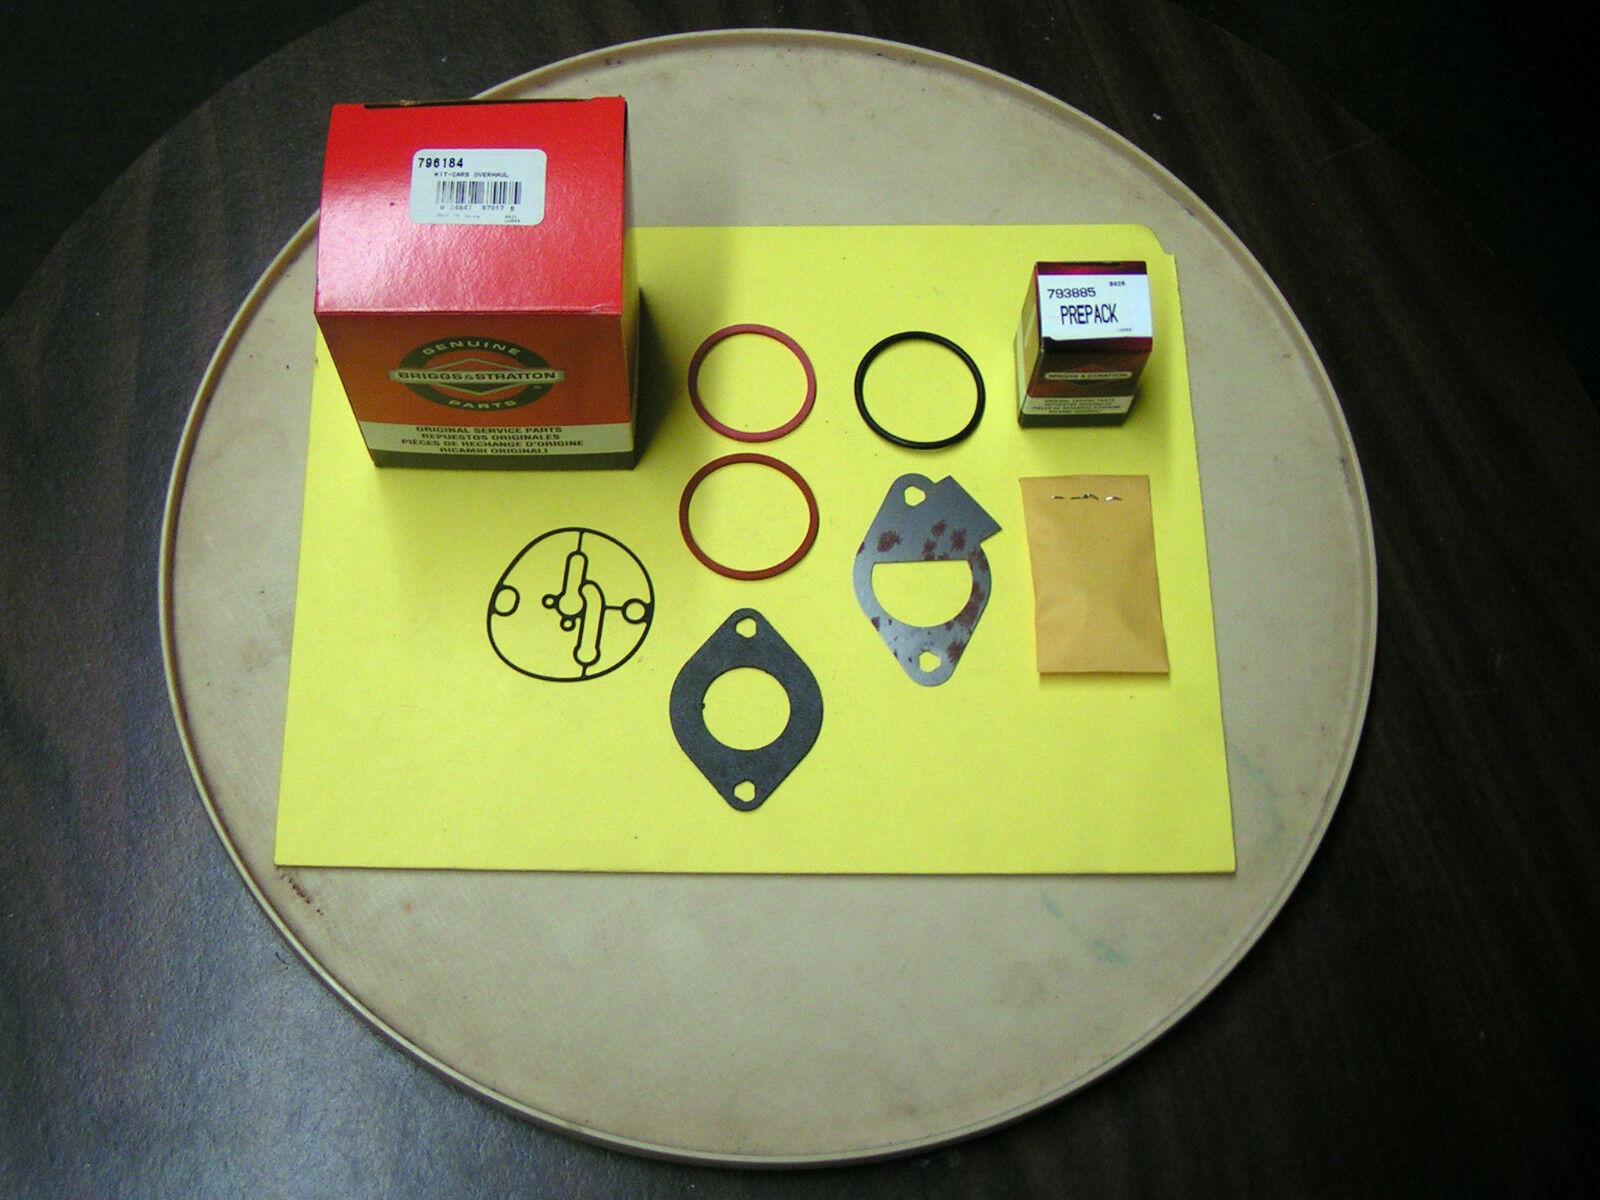 Briggs & Stratton Cocheburador Reparación Kit-B&S parte  796184 - Nuevo Parte